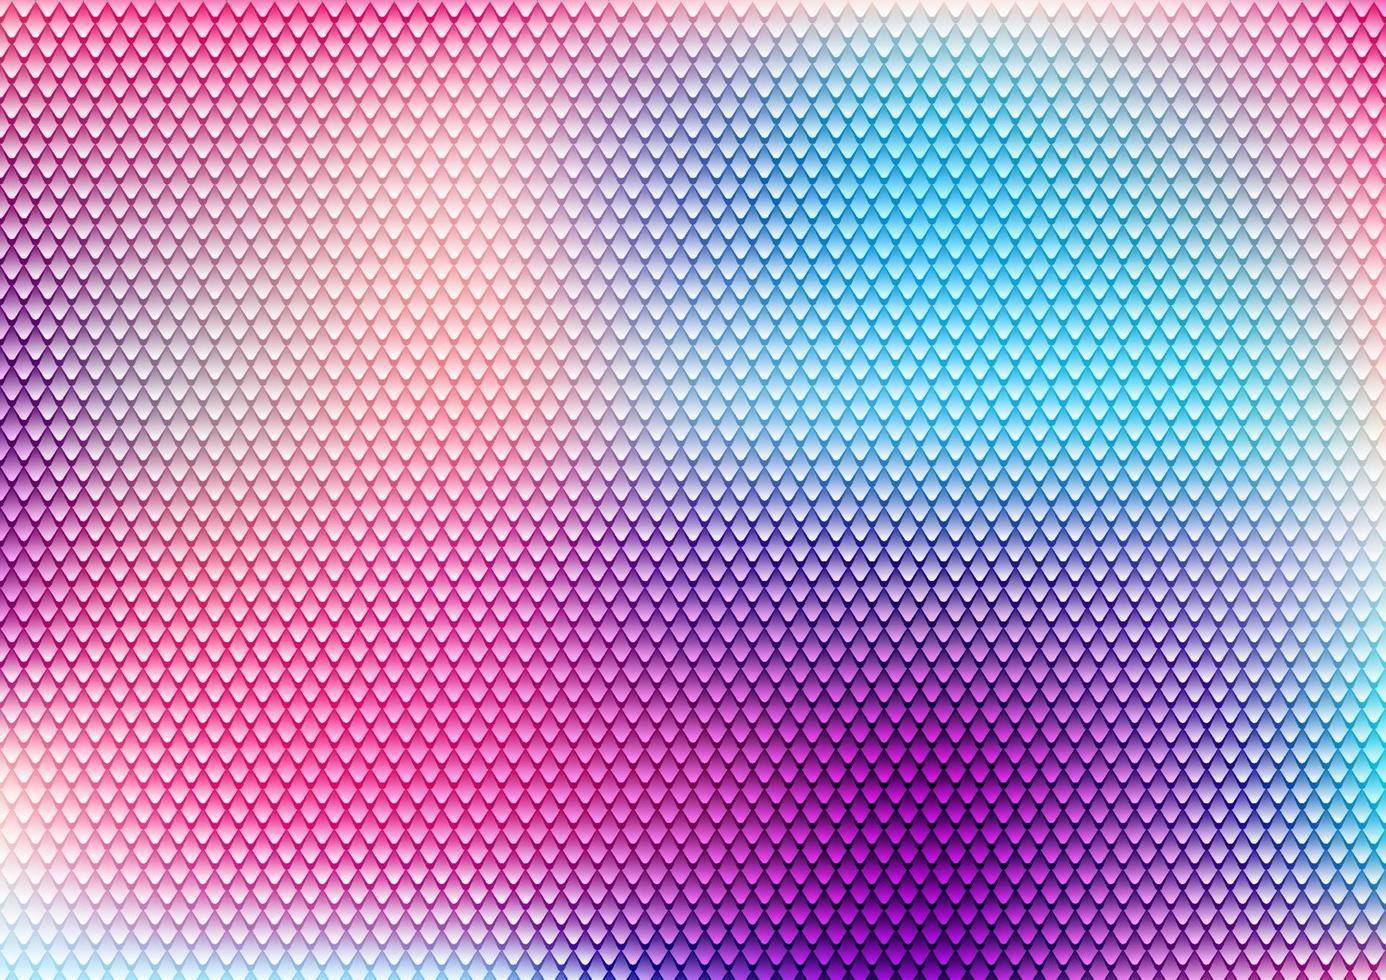 abstrakte Regenbogenfarbe verwischte Hintergrund und Textur. vektor